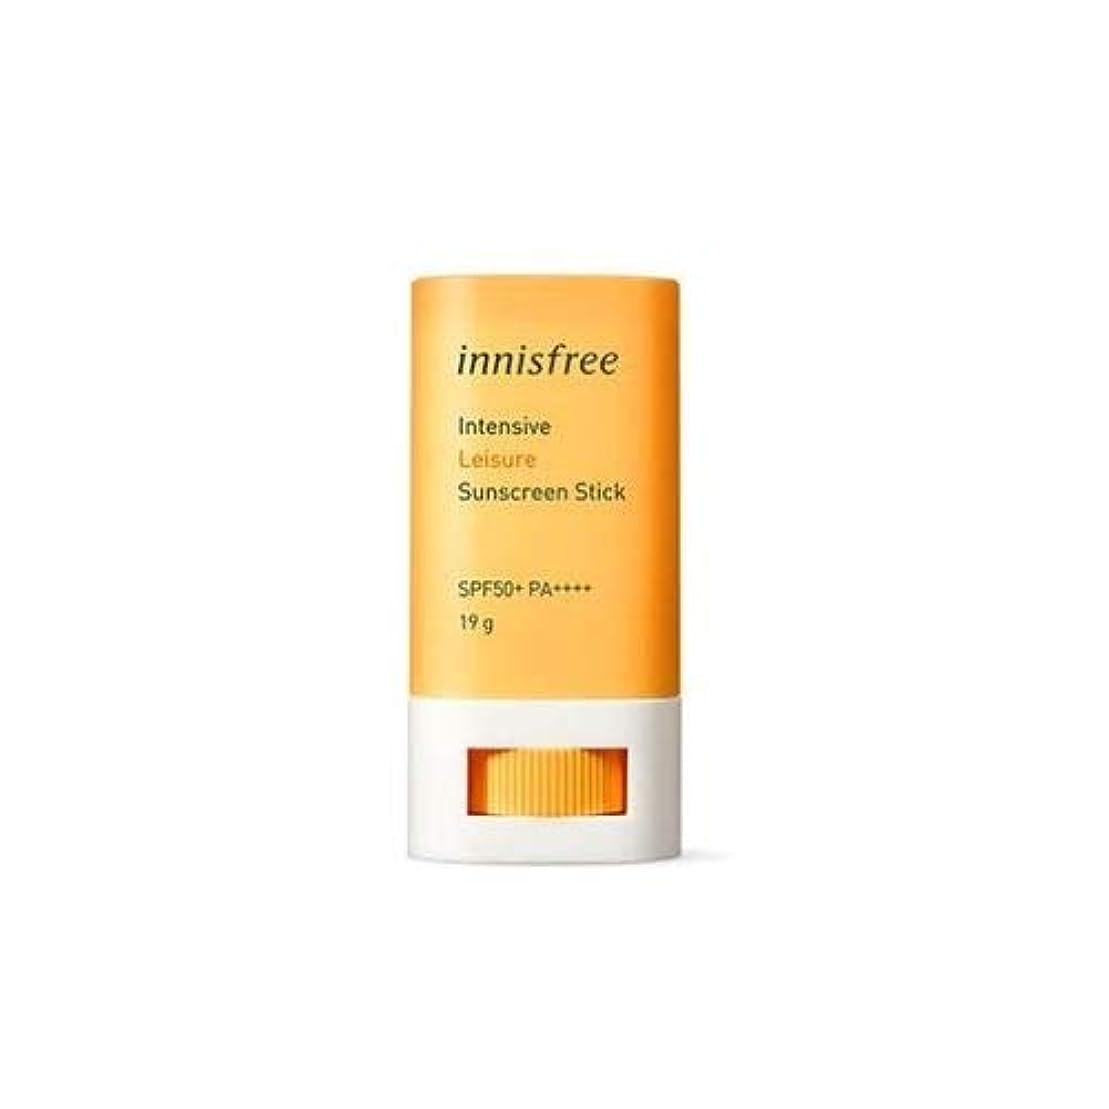 ブランド狂人ダイエットイ二スフリー インテンシブ レジャー サンスクリーン スティック SPF50+ PA++++ / Innisfree Intensive Leisure Suncreen Stick 19g [並行輸入品]